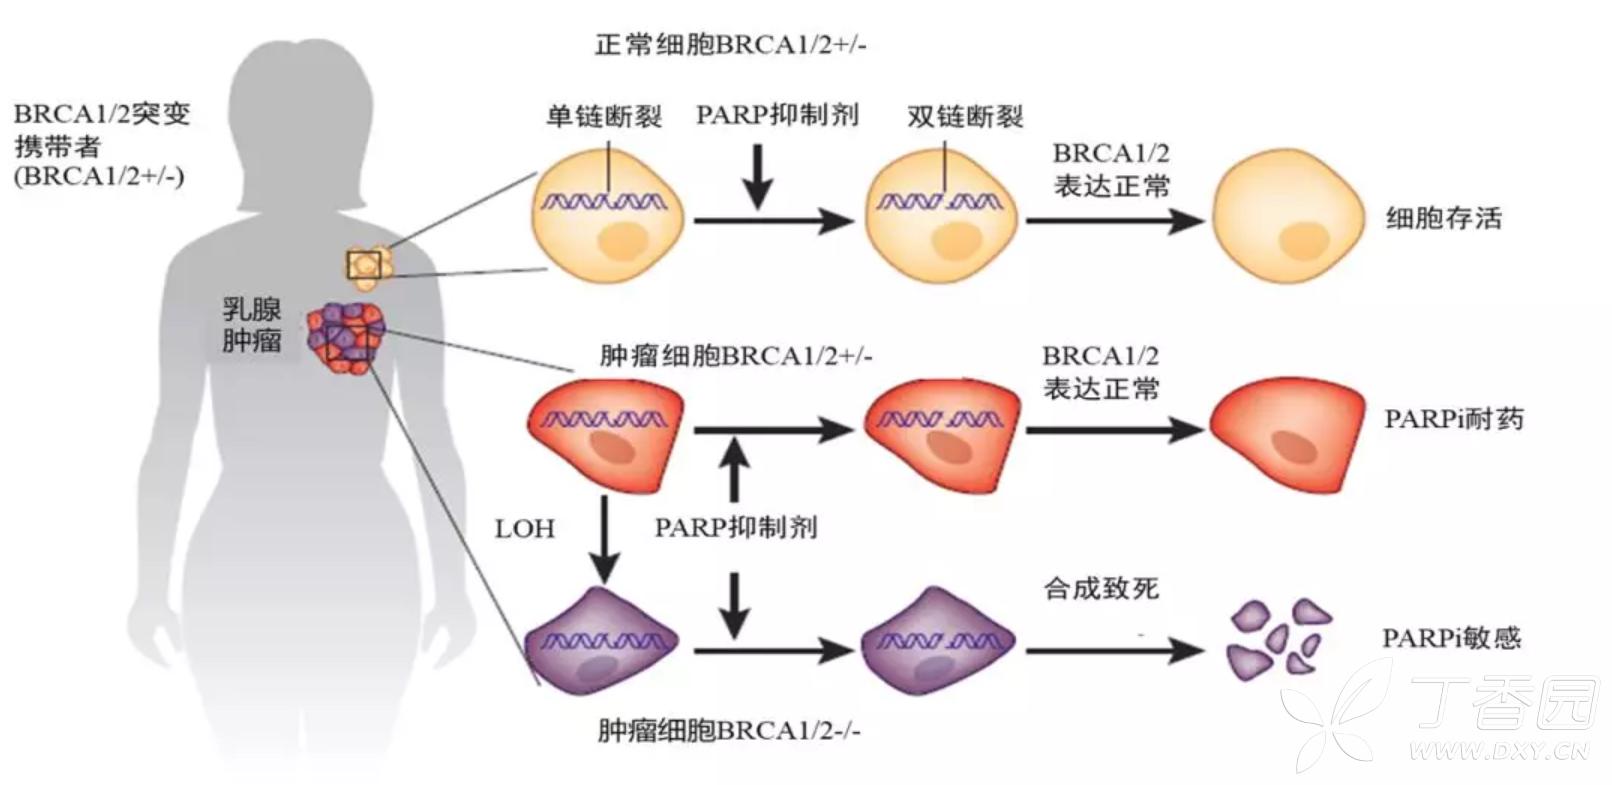 奥拉帕利是gBRCA HER2 晚期乳腺癌患者的新选择转载